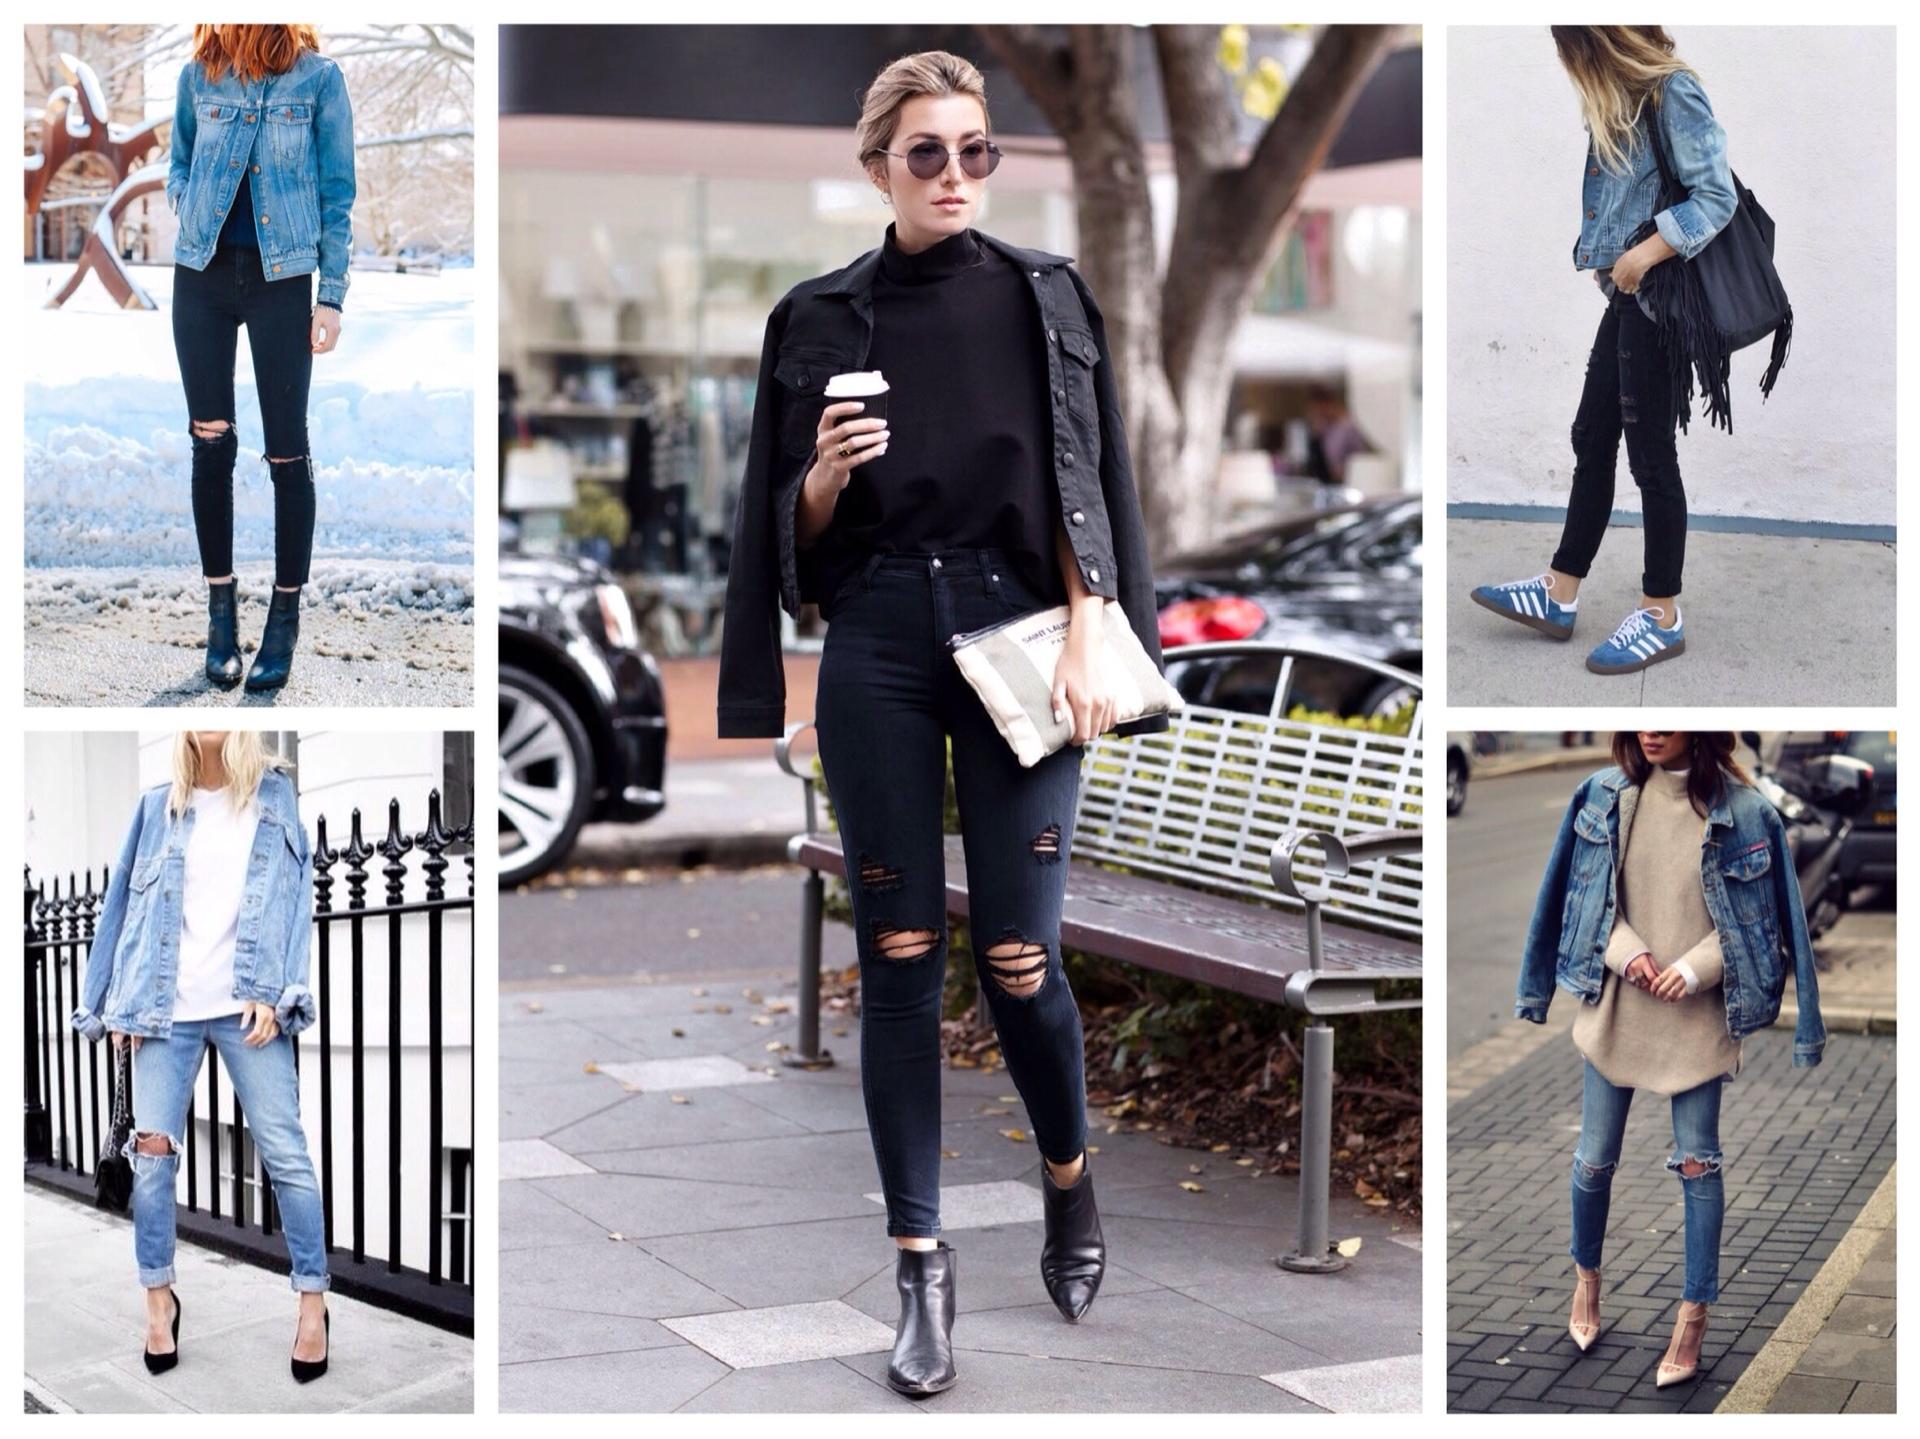 З чим носити джинсову куртку  фото та рекомендації d80c78d4294eb